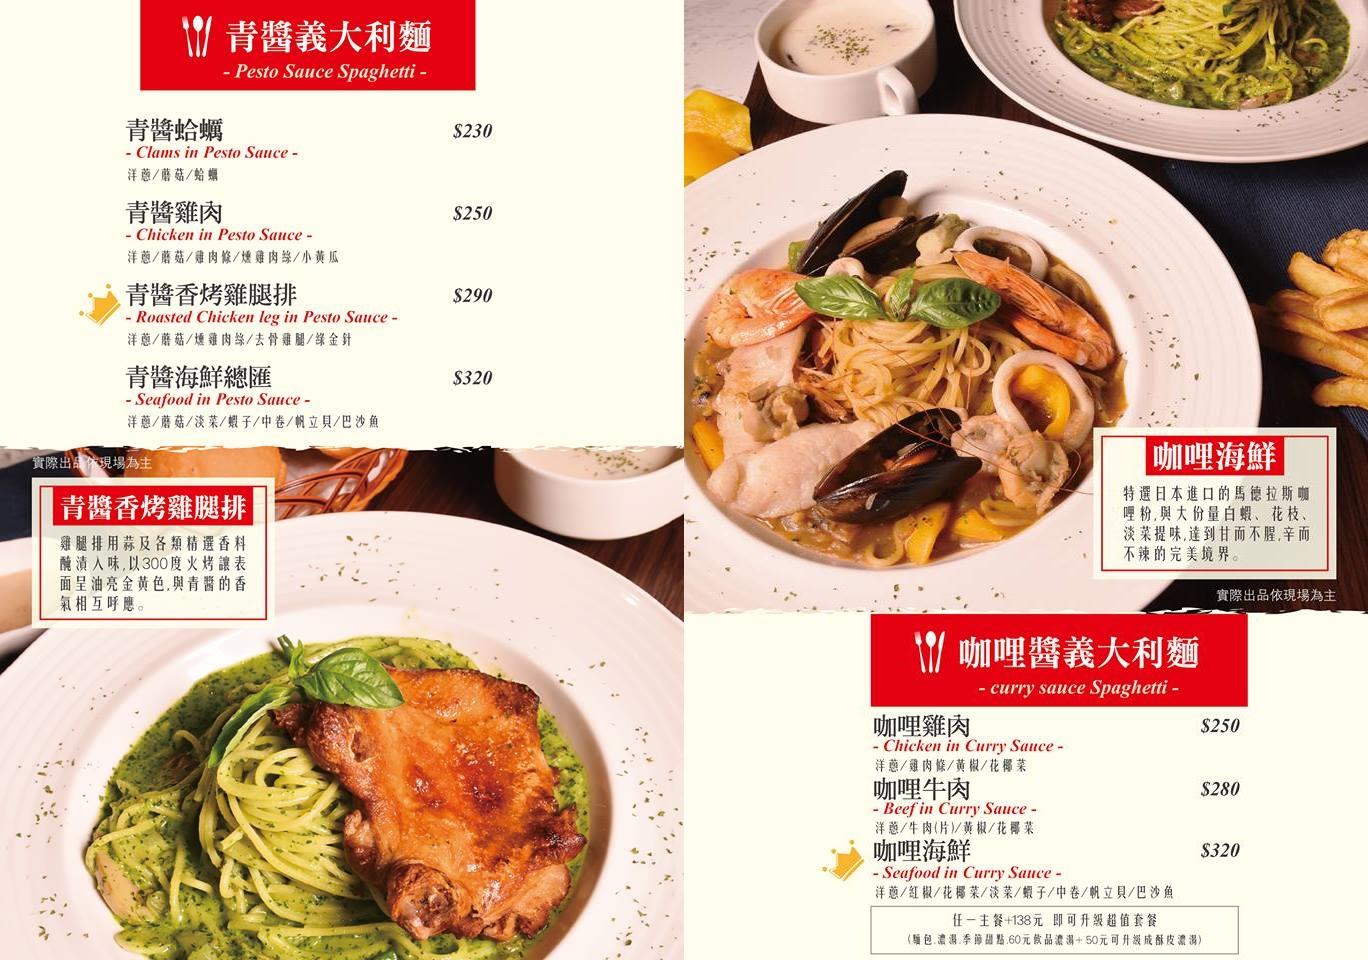 樂尼尼義式餐廳 大直ATT店|好吃的台北墨魚麵,大直內湖親子餐廳首選! @陳小沁の吃喝玩樂